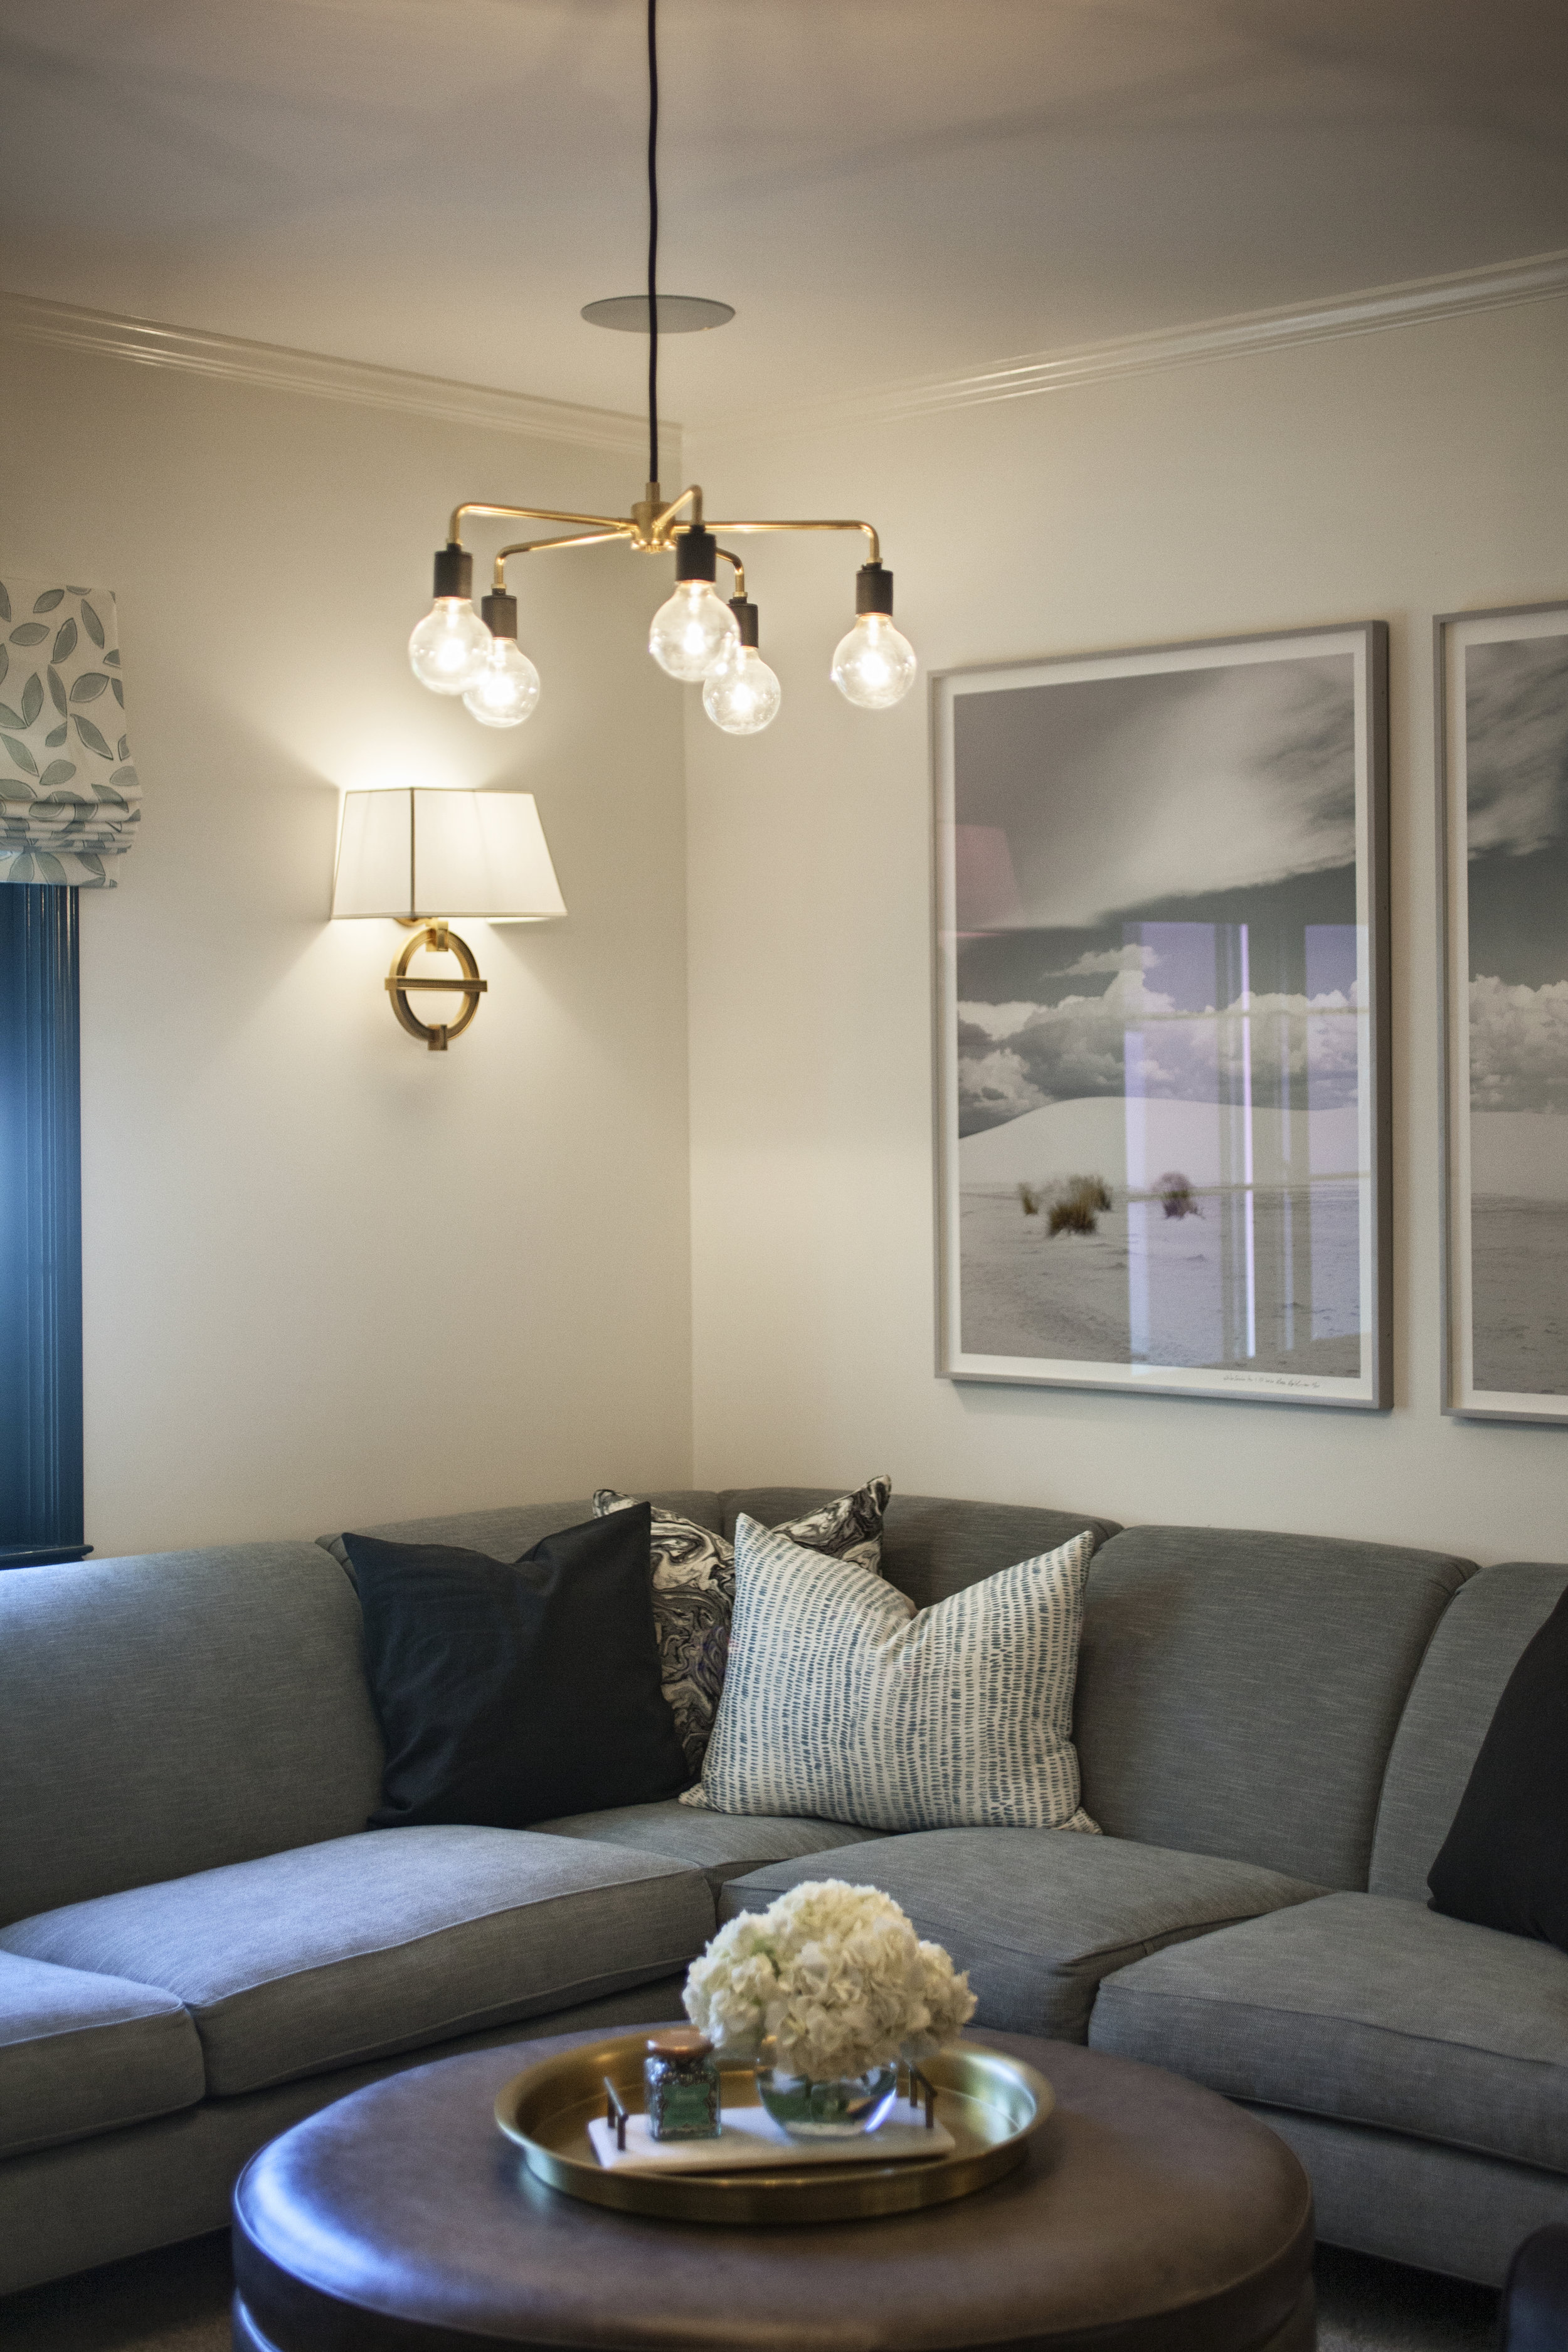 KJM interiors | Family Living Room